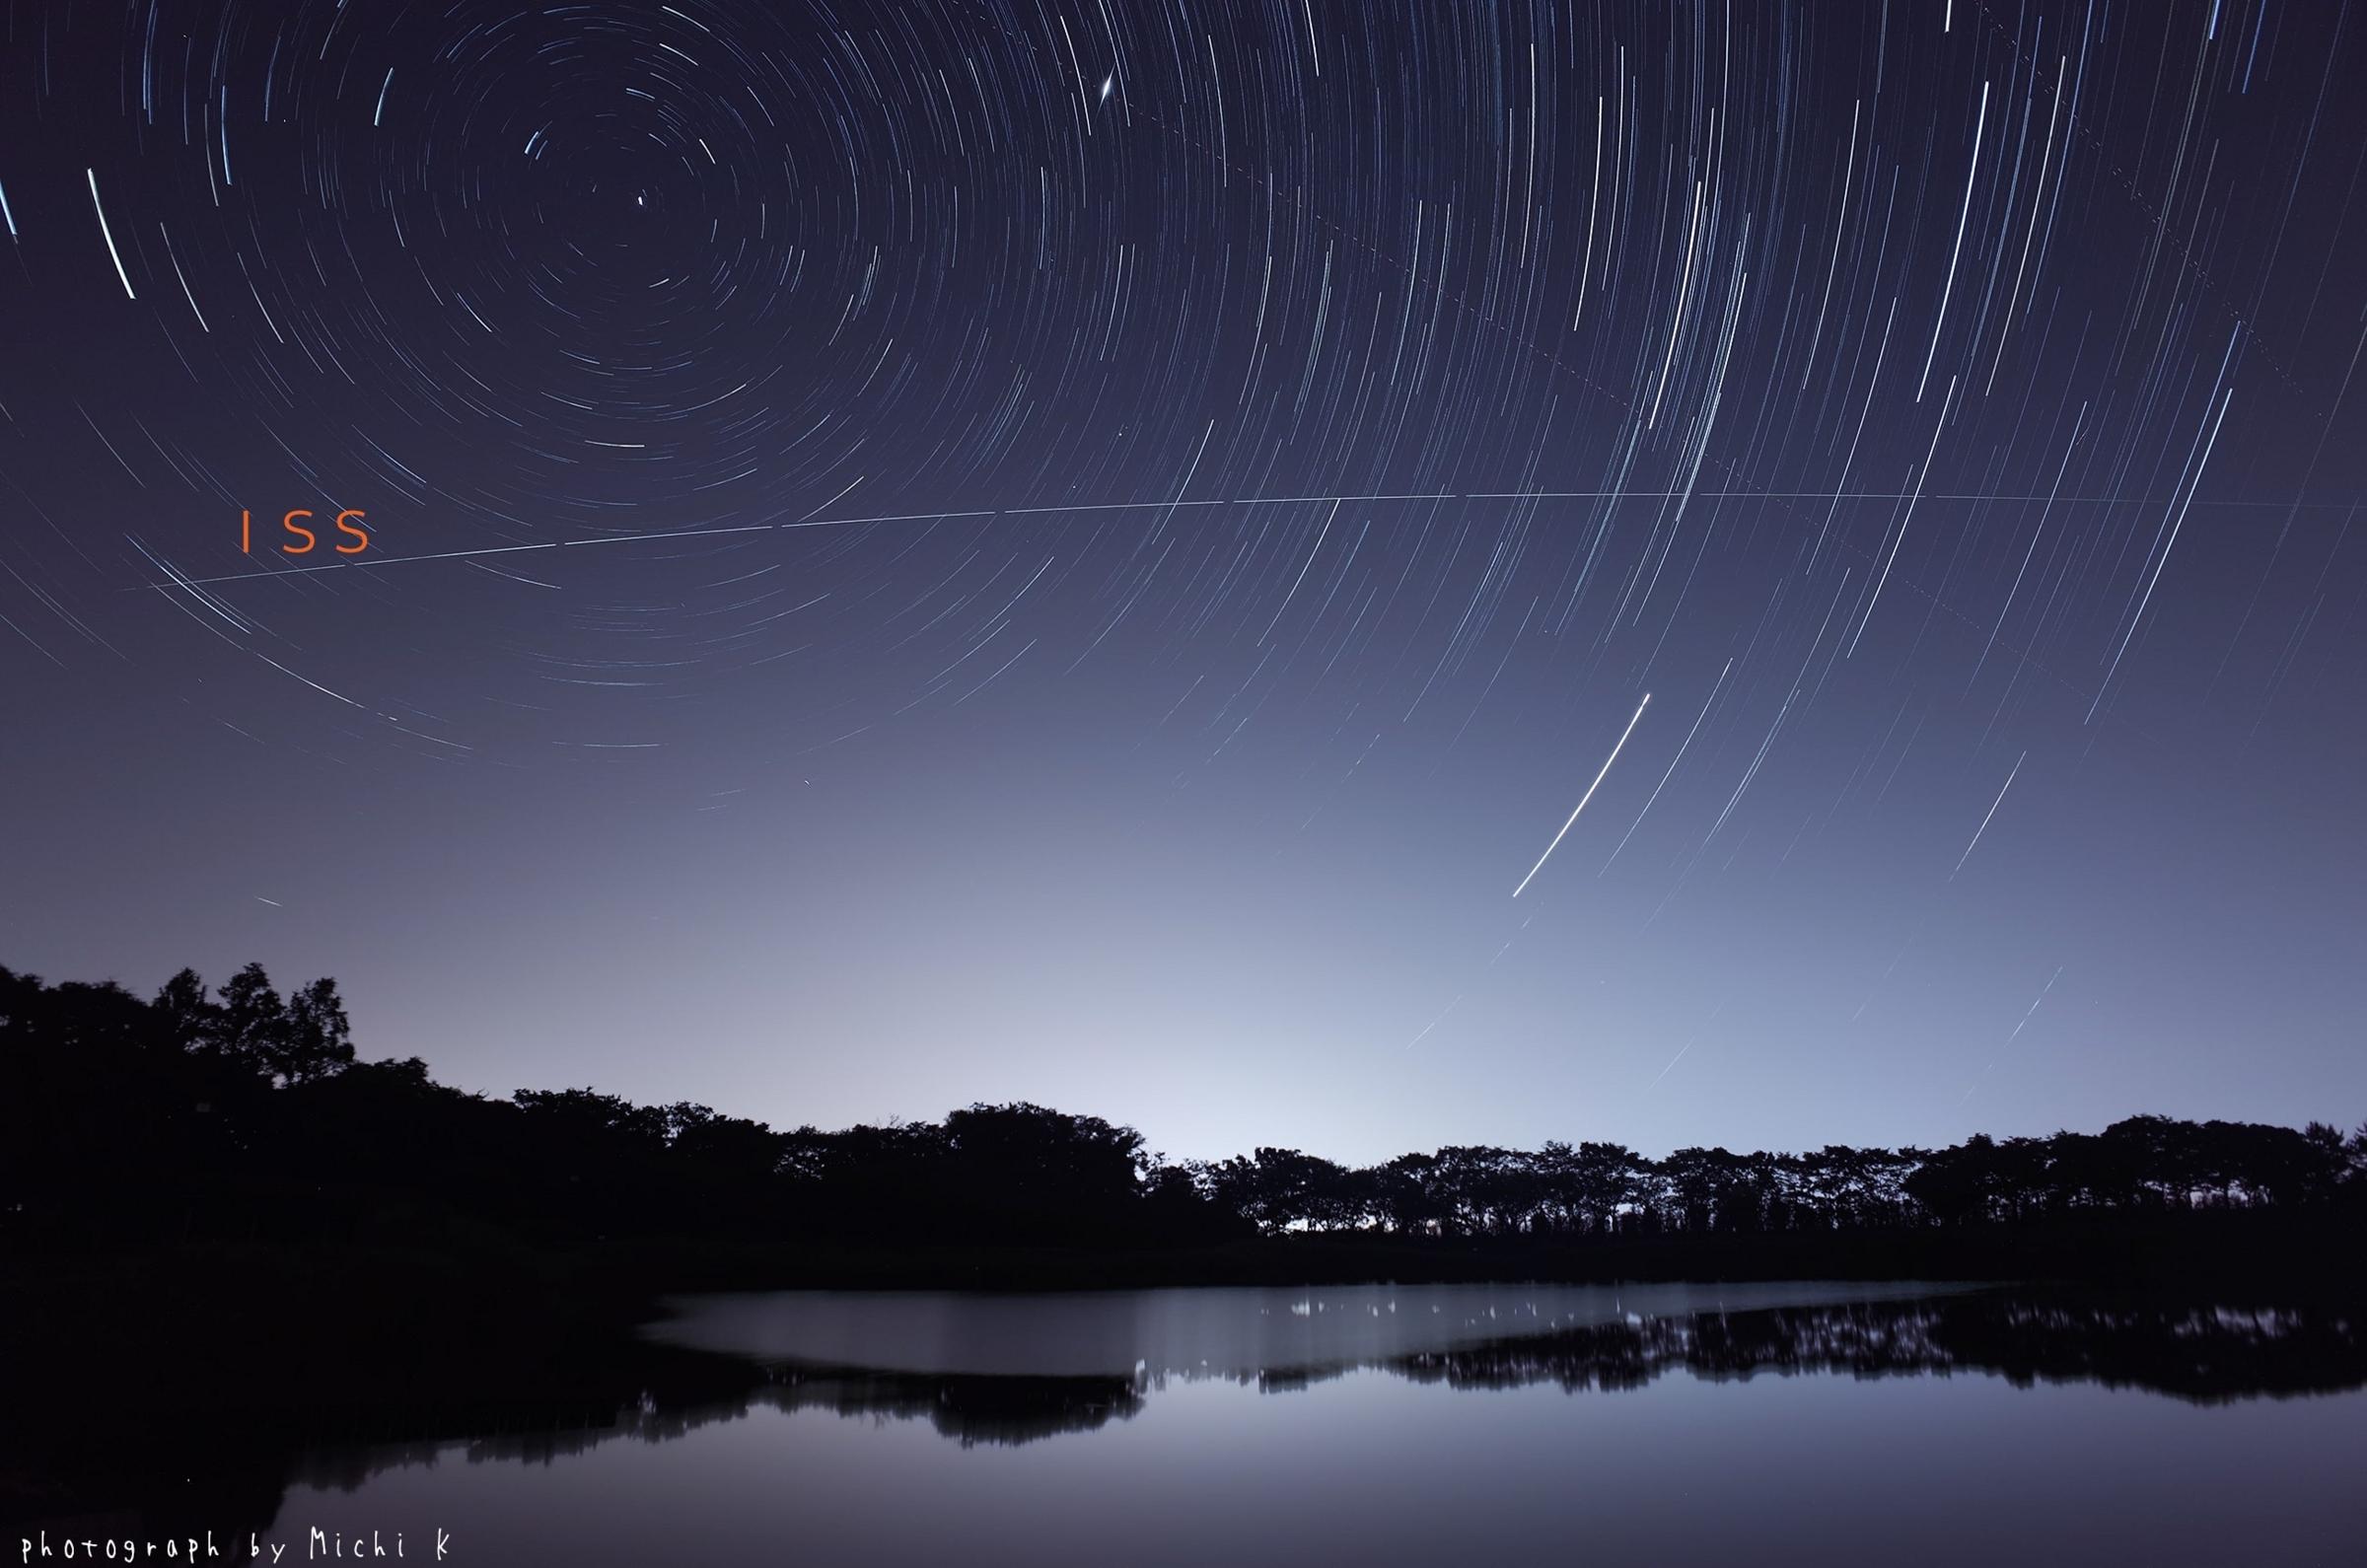 国際宇宙ステーション(ISS)の軌跡写真。 2018年7月21日未明、酒田市飯森山公園にて撮影